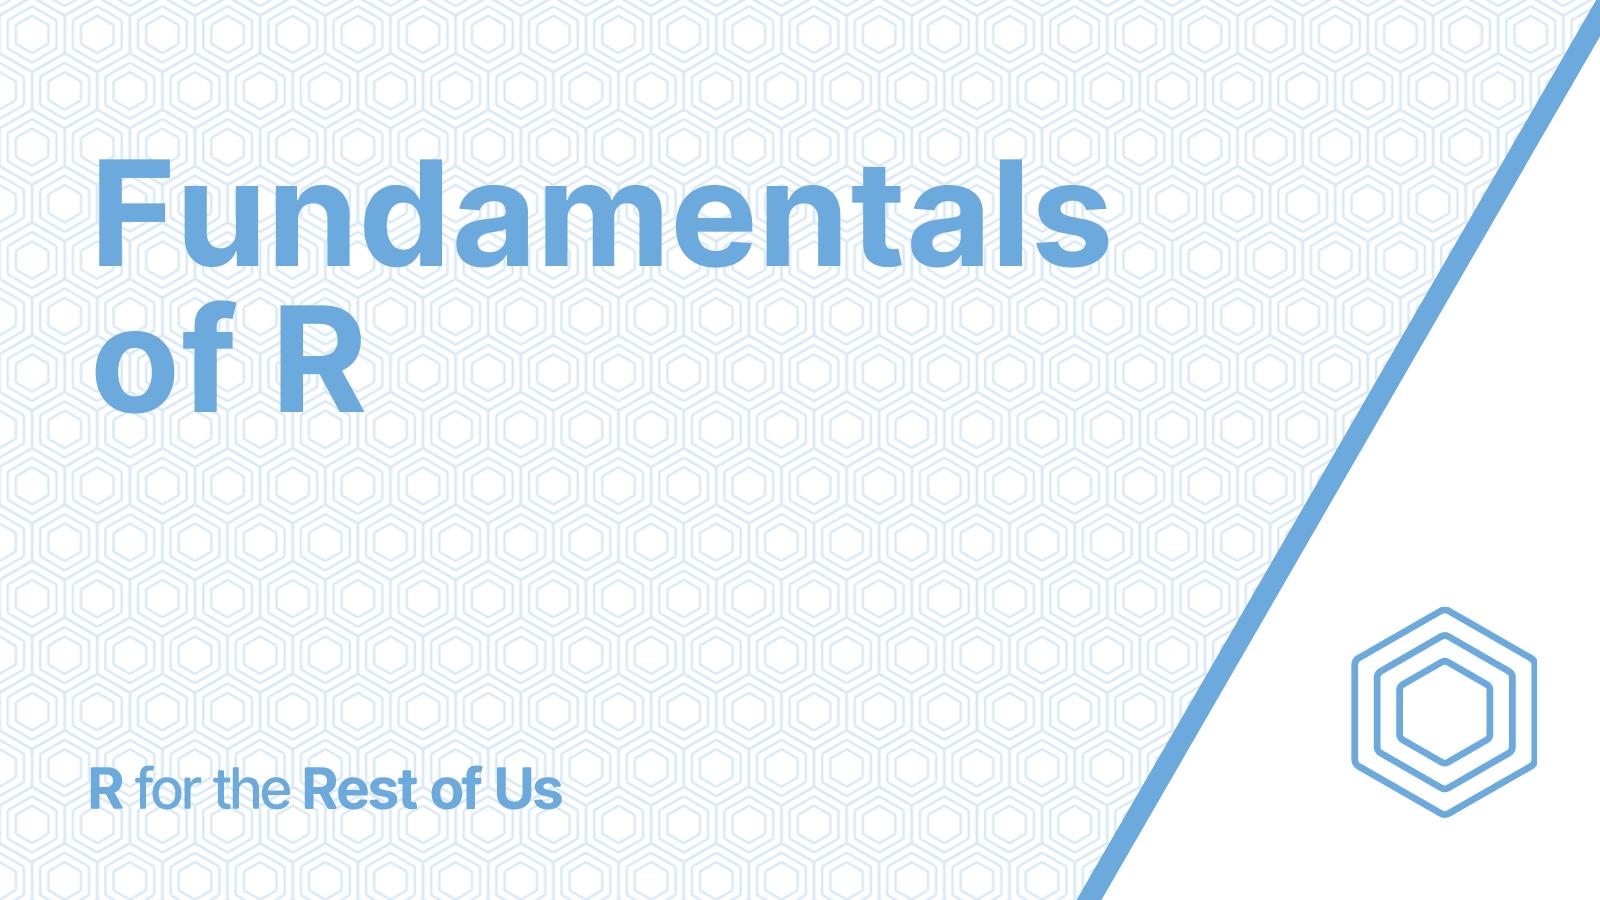 Fundamentals of R